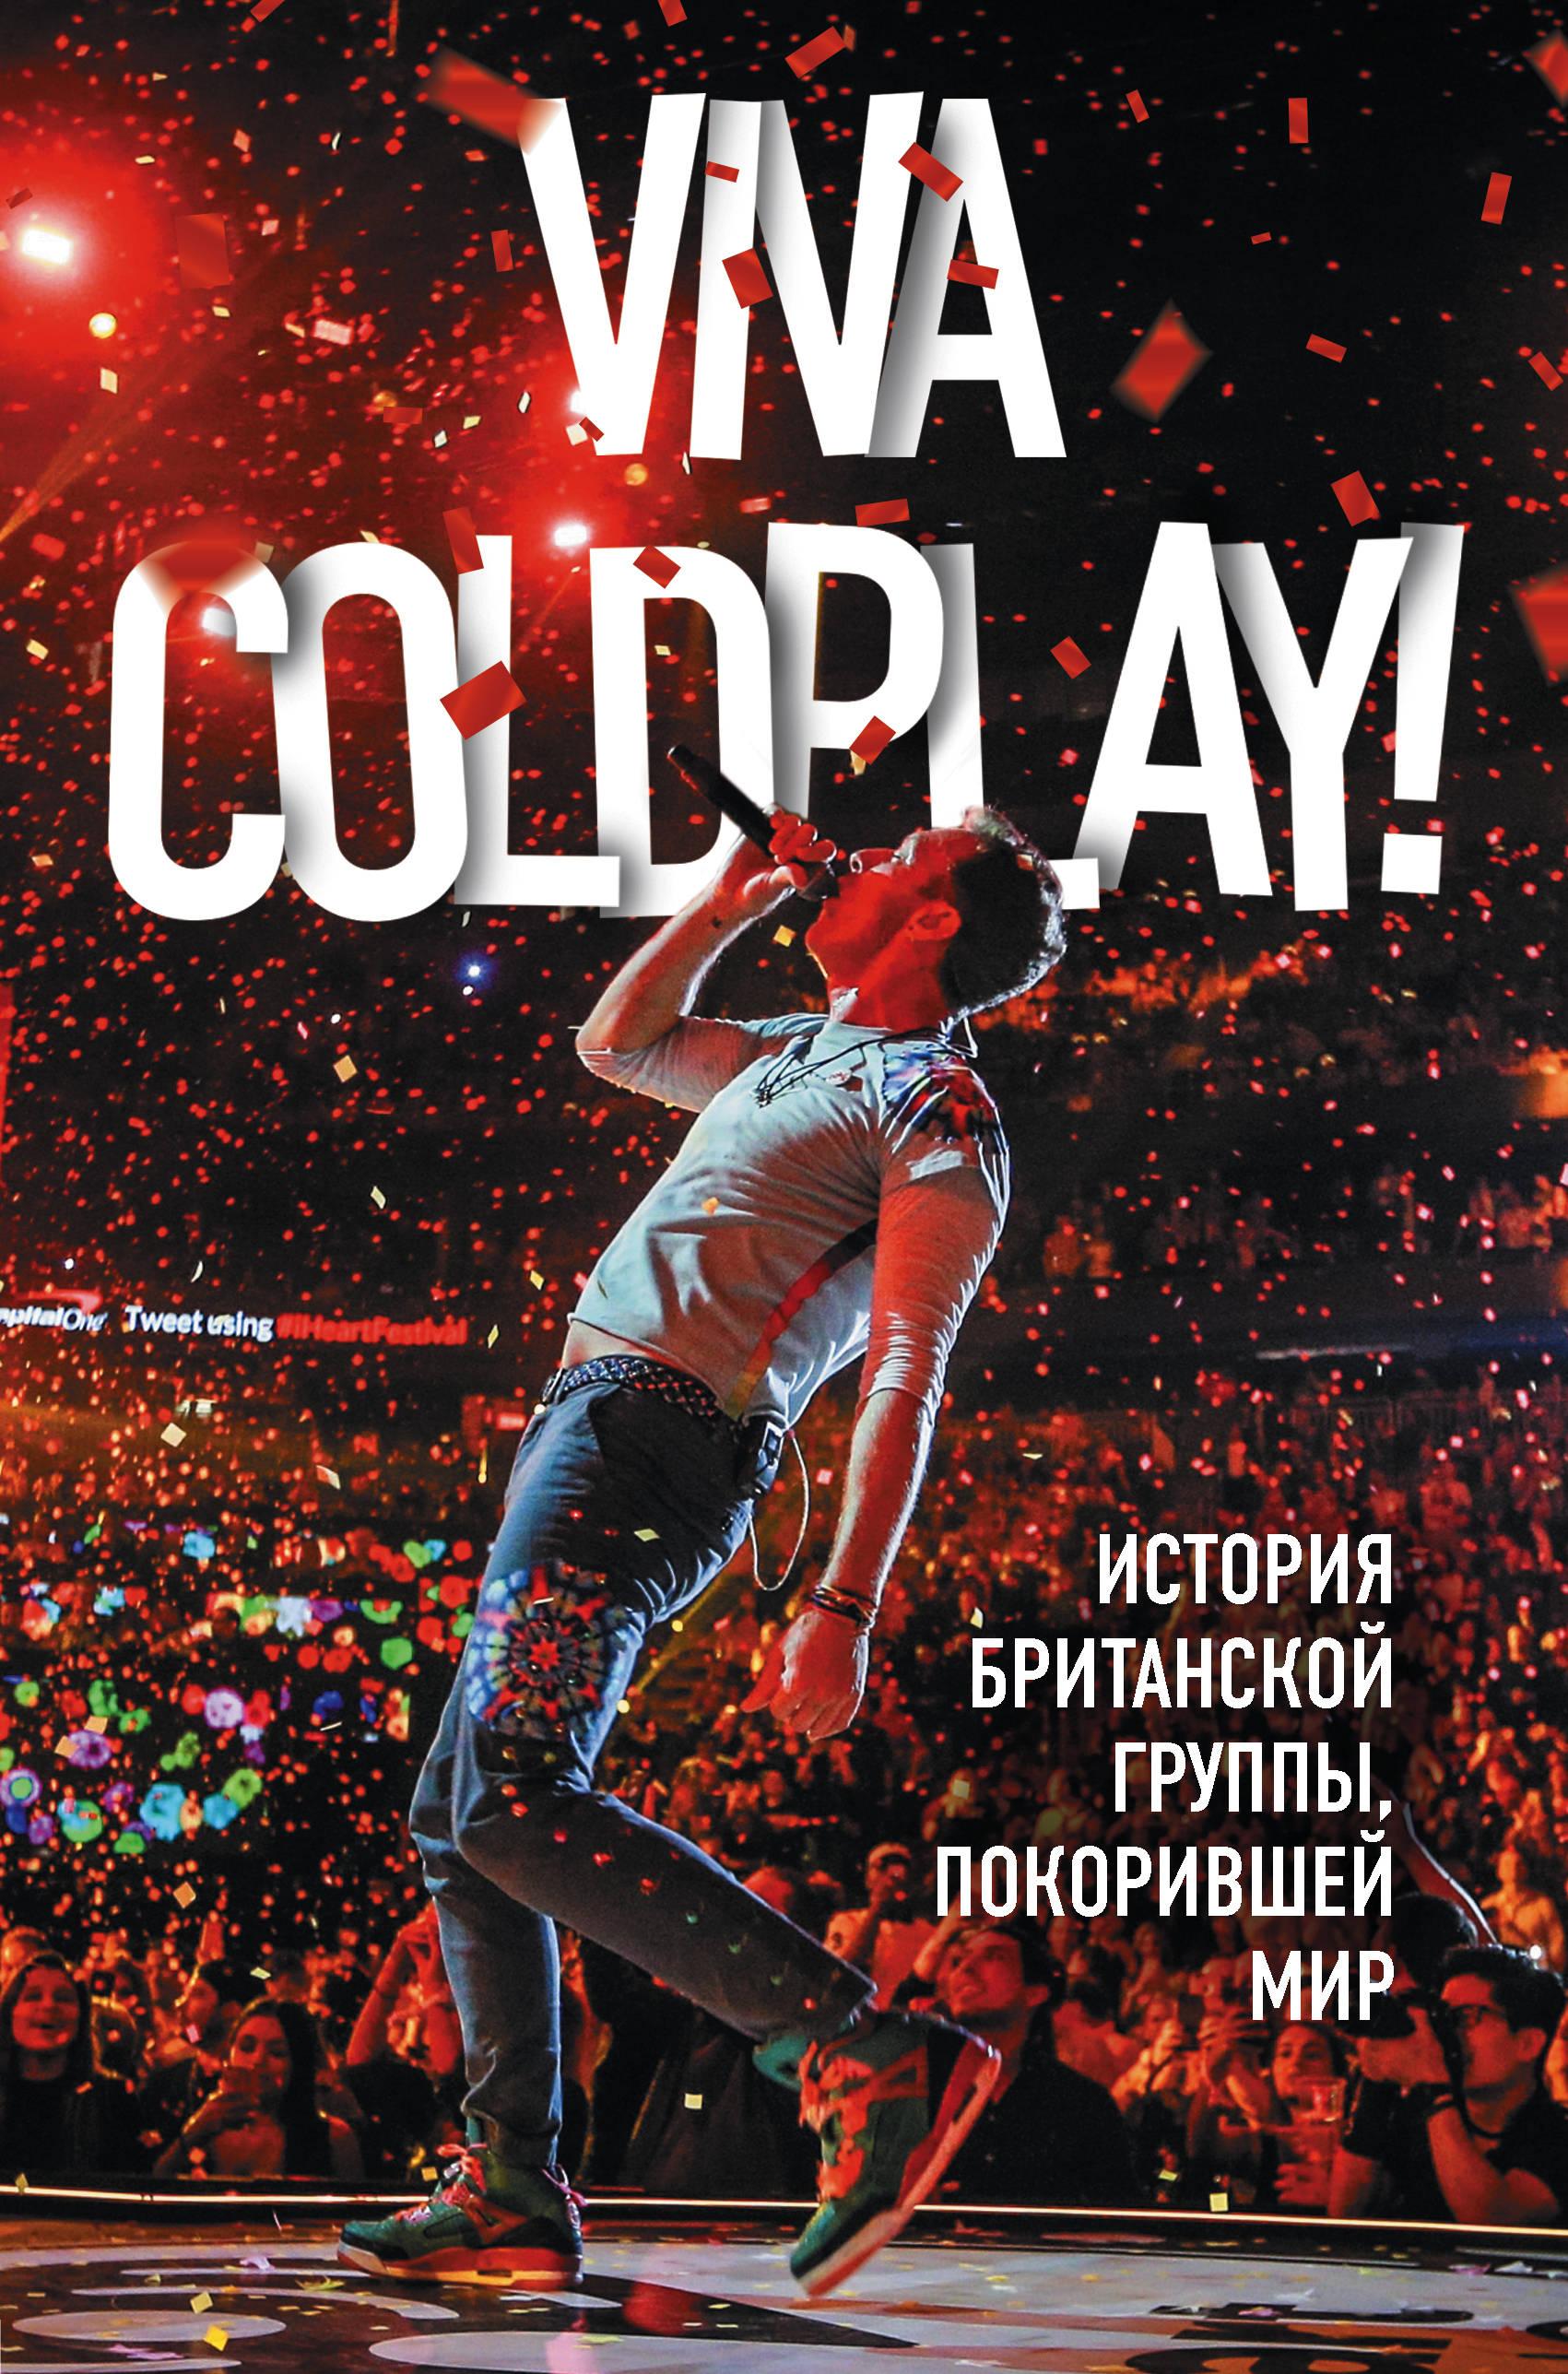 Мартин Роуч Viva Coldplay! История британской группы, покорившей мир